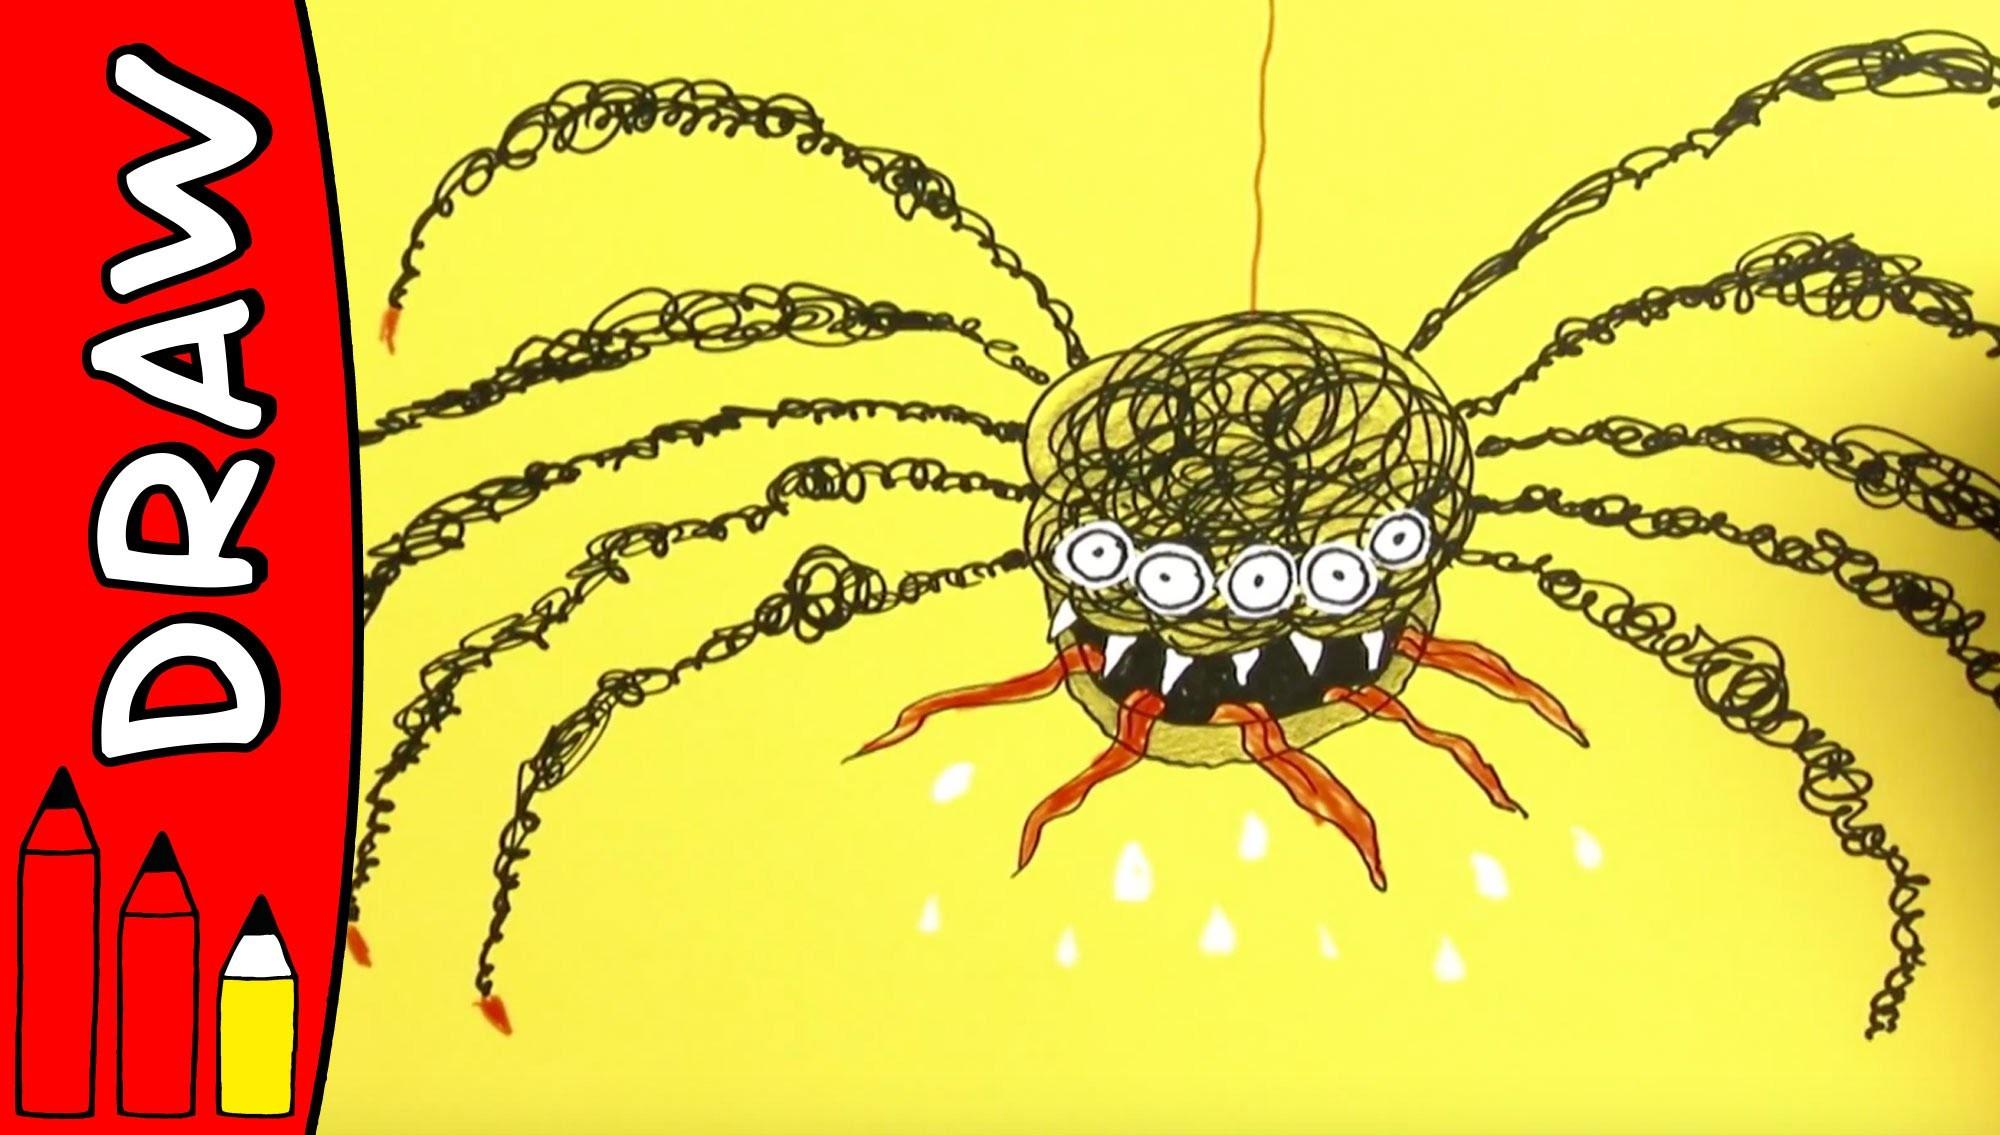 How To Draw A Spider | Halloween Ideas For Kids | Øistein Kristiansen